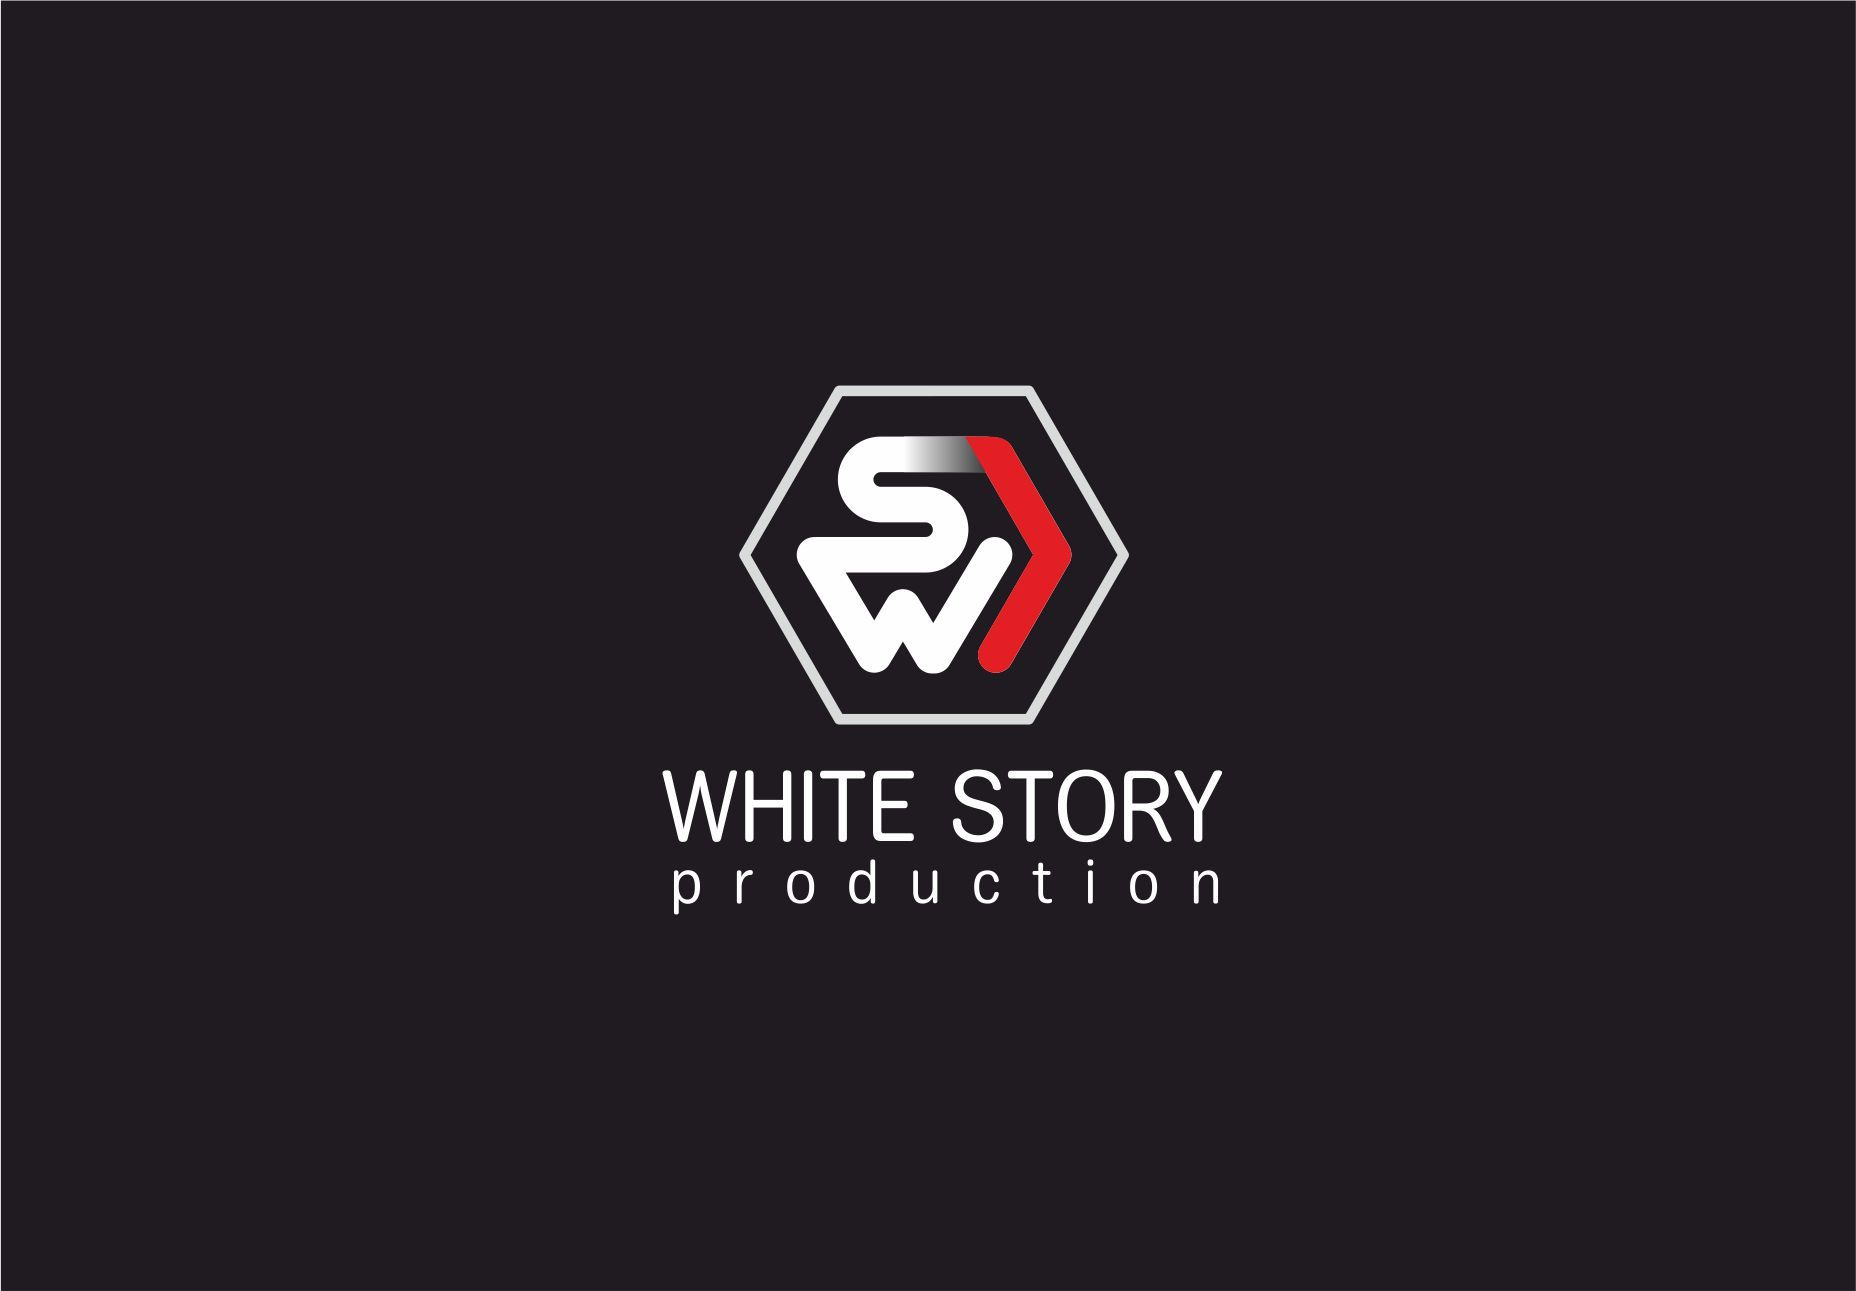 Логотип для Логотип для Фото и Видео продакшена - дизайнер PAPANIN